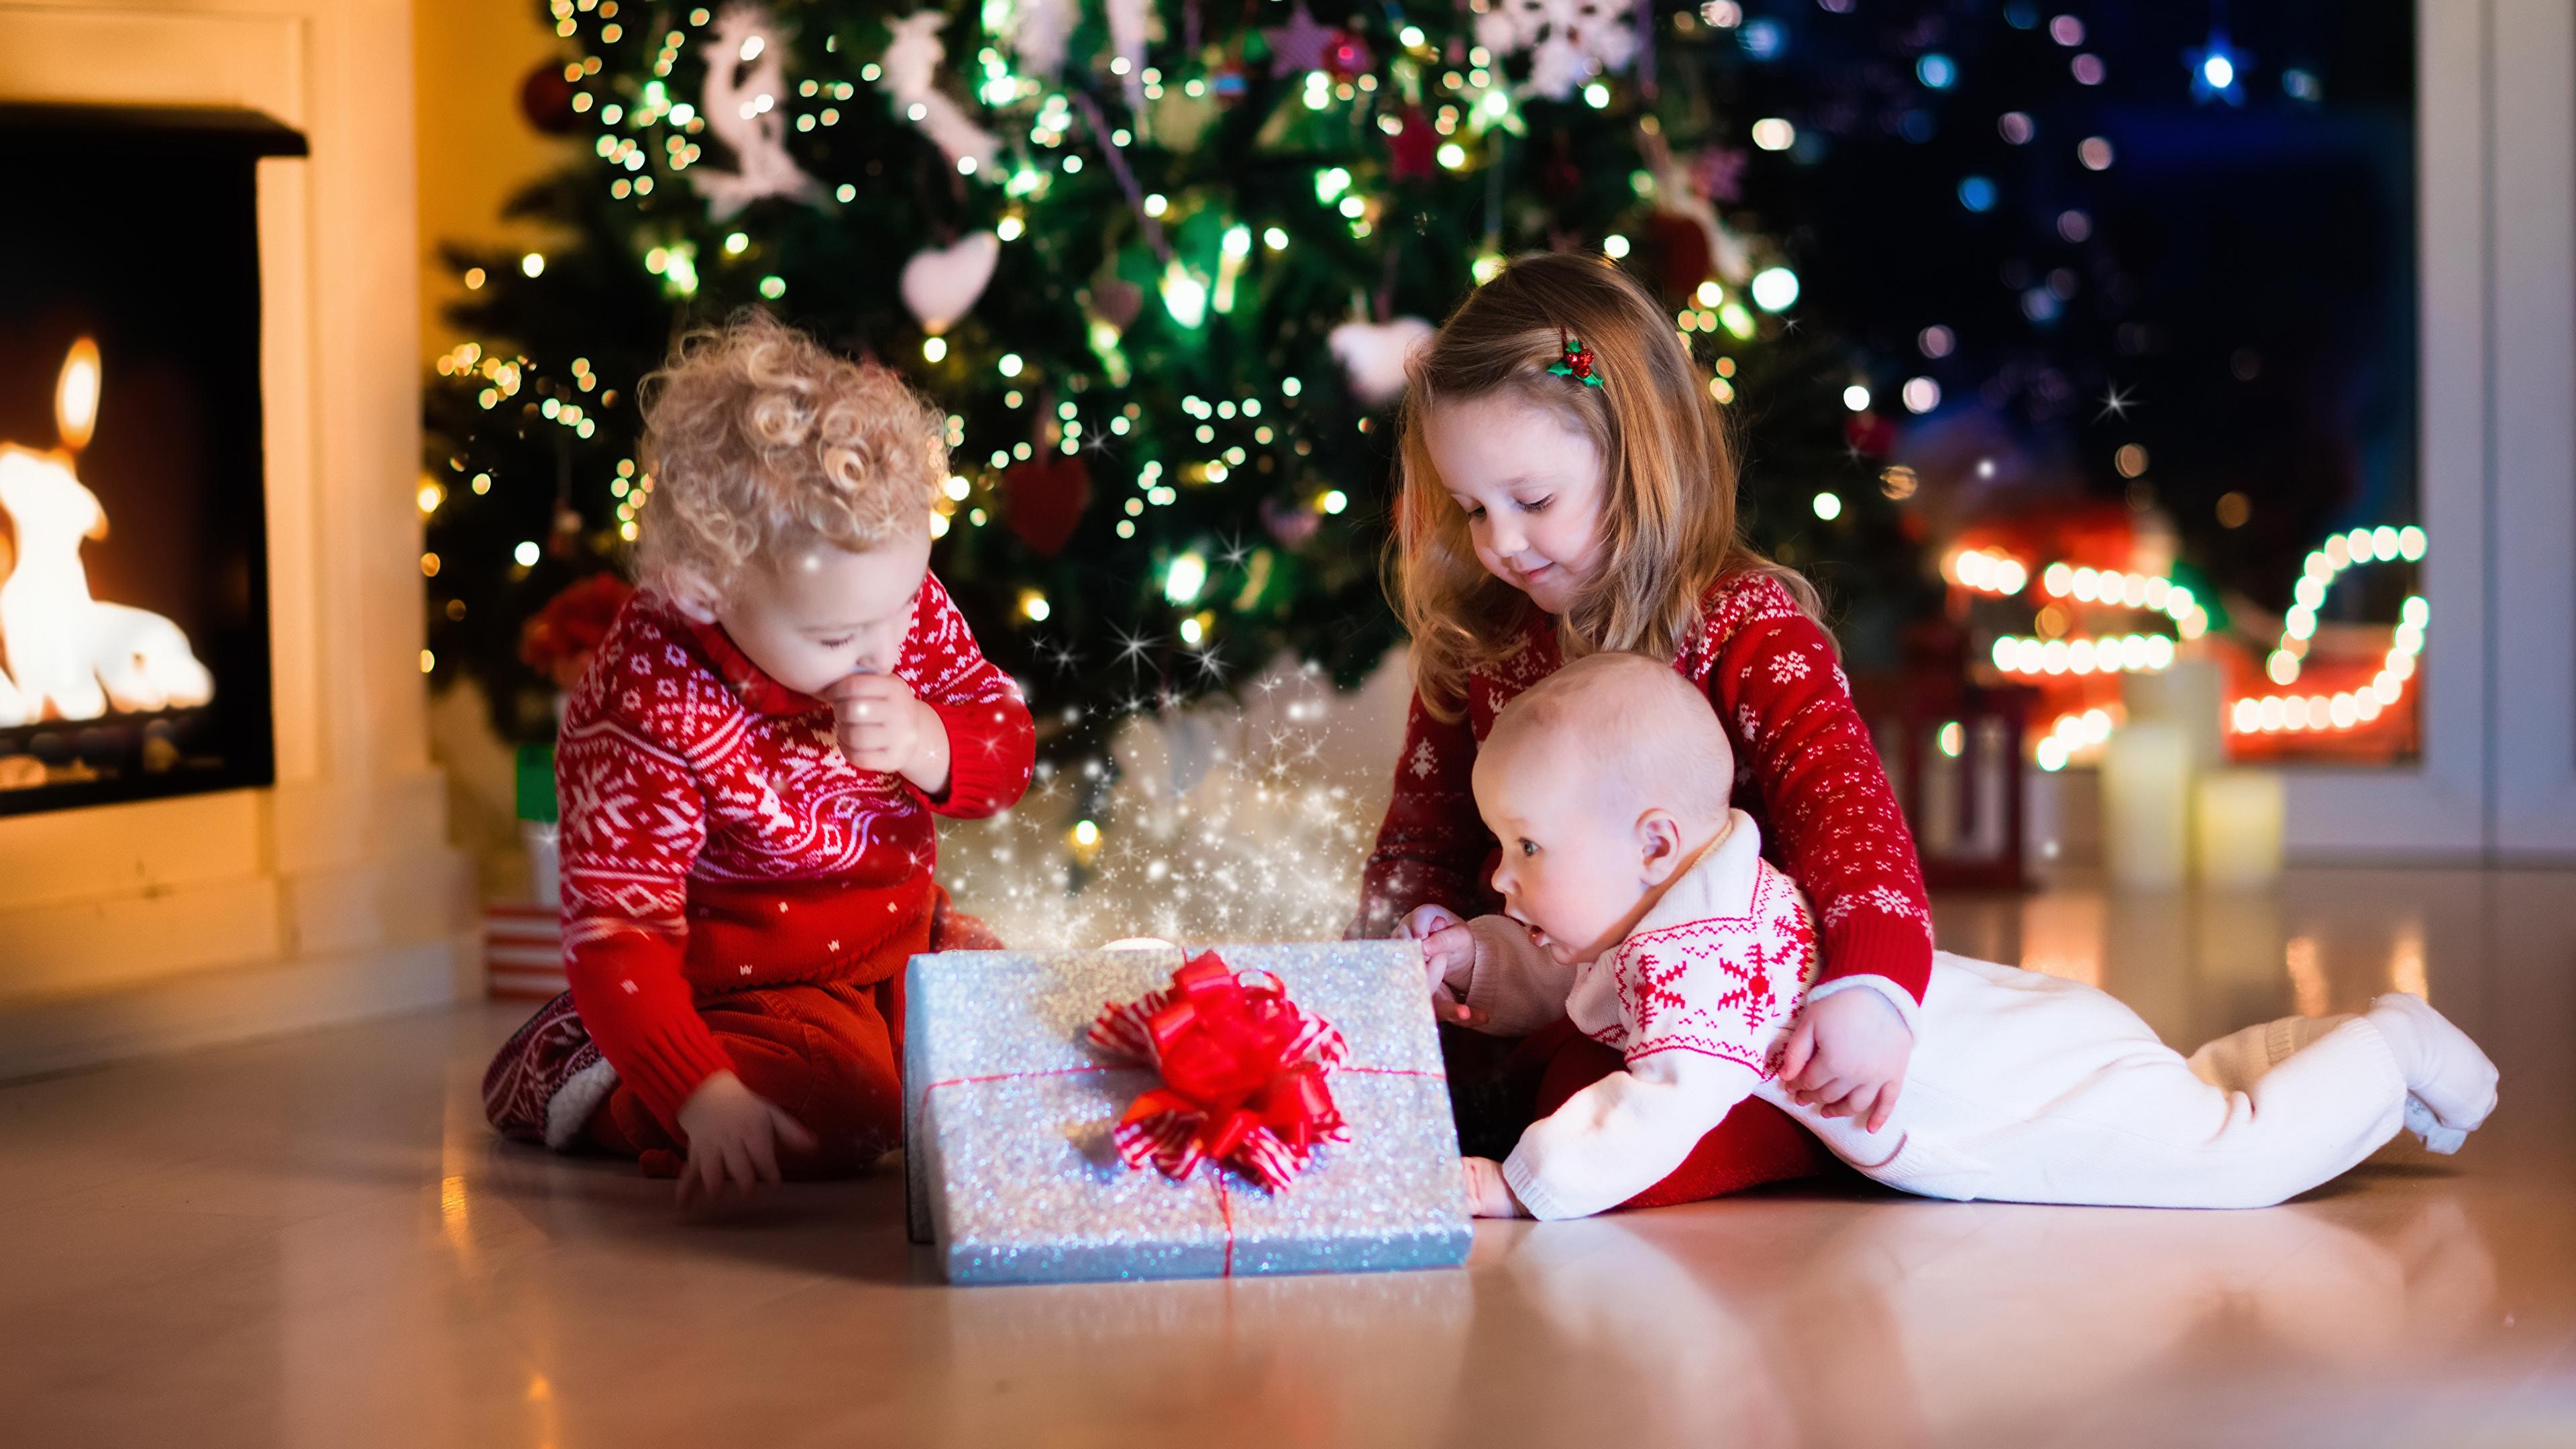 Фото Девочки мальчишка грудной ребёнок Рождество Дети Подарки три 3840x2160 девочка мальчик младенец Младенцы младенца Мальчики мальчишки Новый год ребёнок подарок подарков Трое 3 втроем